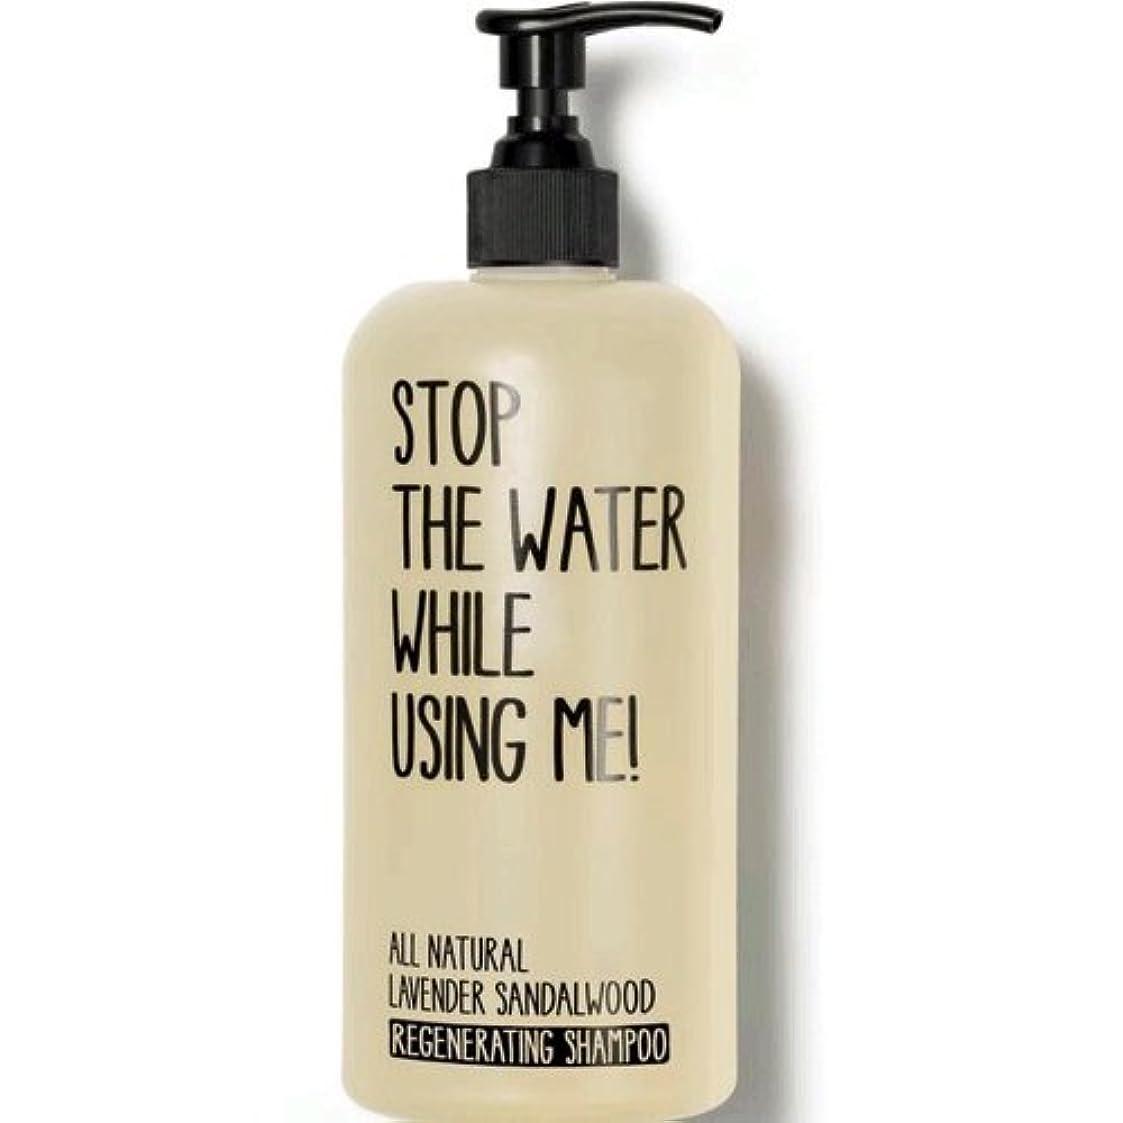 運賃思われるはげ【STOP THE WATER WHILE USING ME!】L&Sシャンプー(ラベンダー&サンダルウッド) 500ml [並行輸入品]